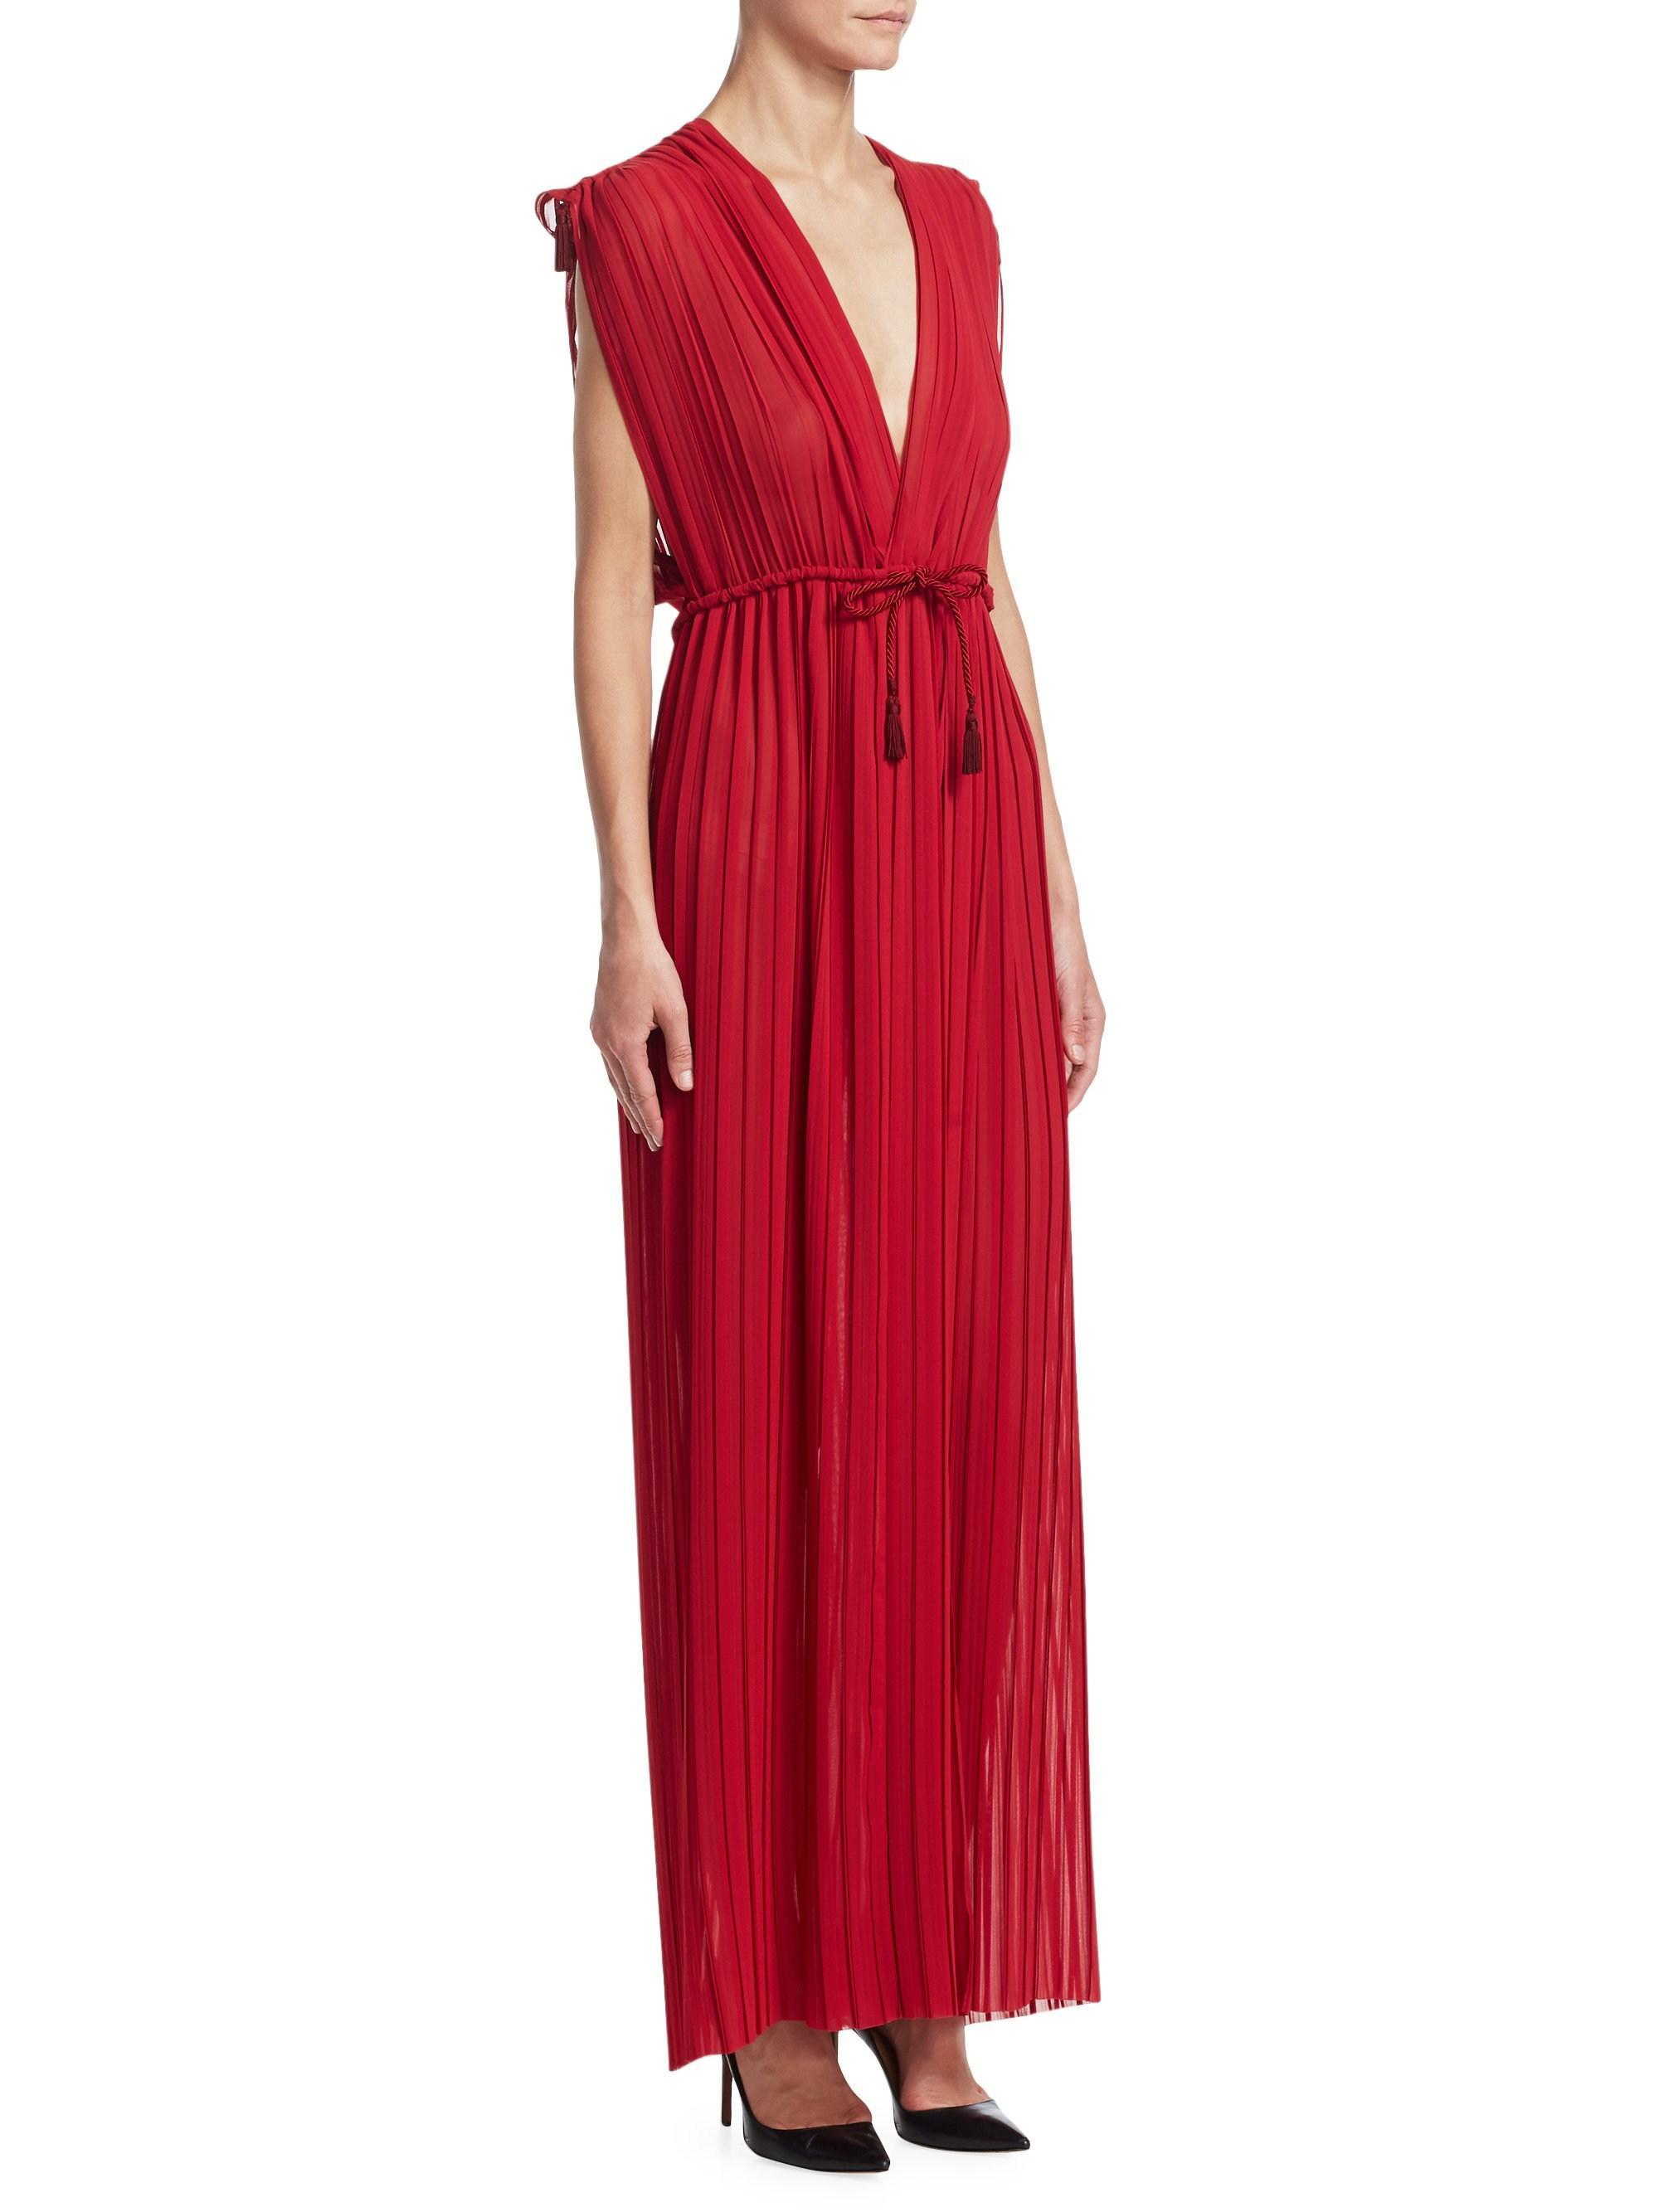 Lyst - Tre by Natalie Ratabesi Minerva Chiffon Maxi Dress in Red febd4d6d9d